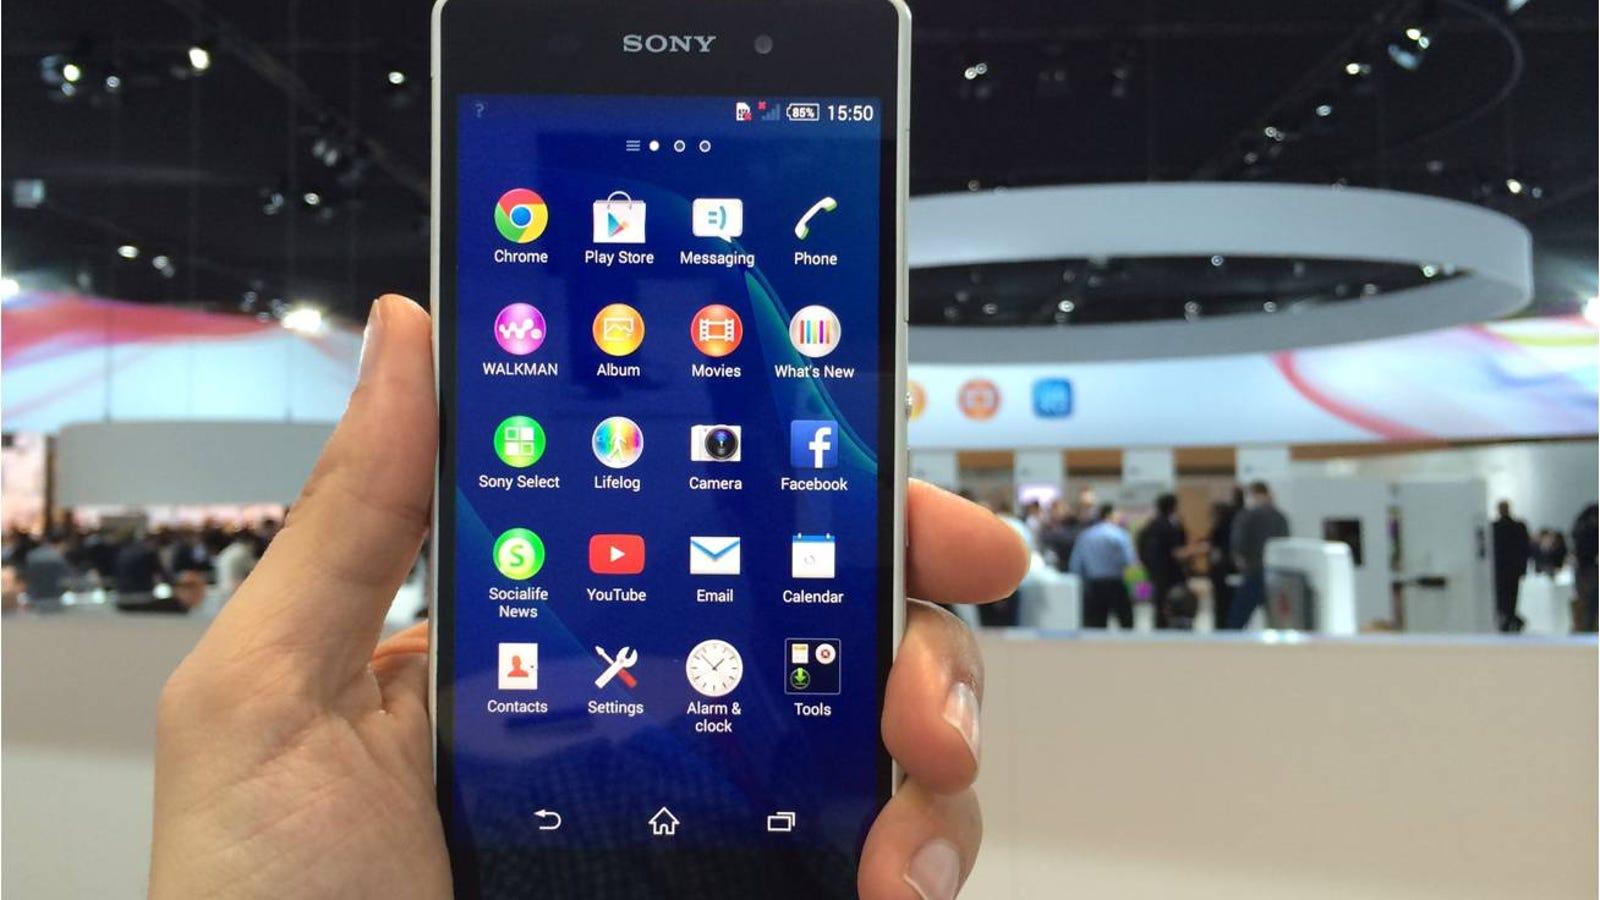 Probamos el nuevo Sony Xperia Z2: en busca de la perfección